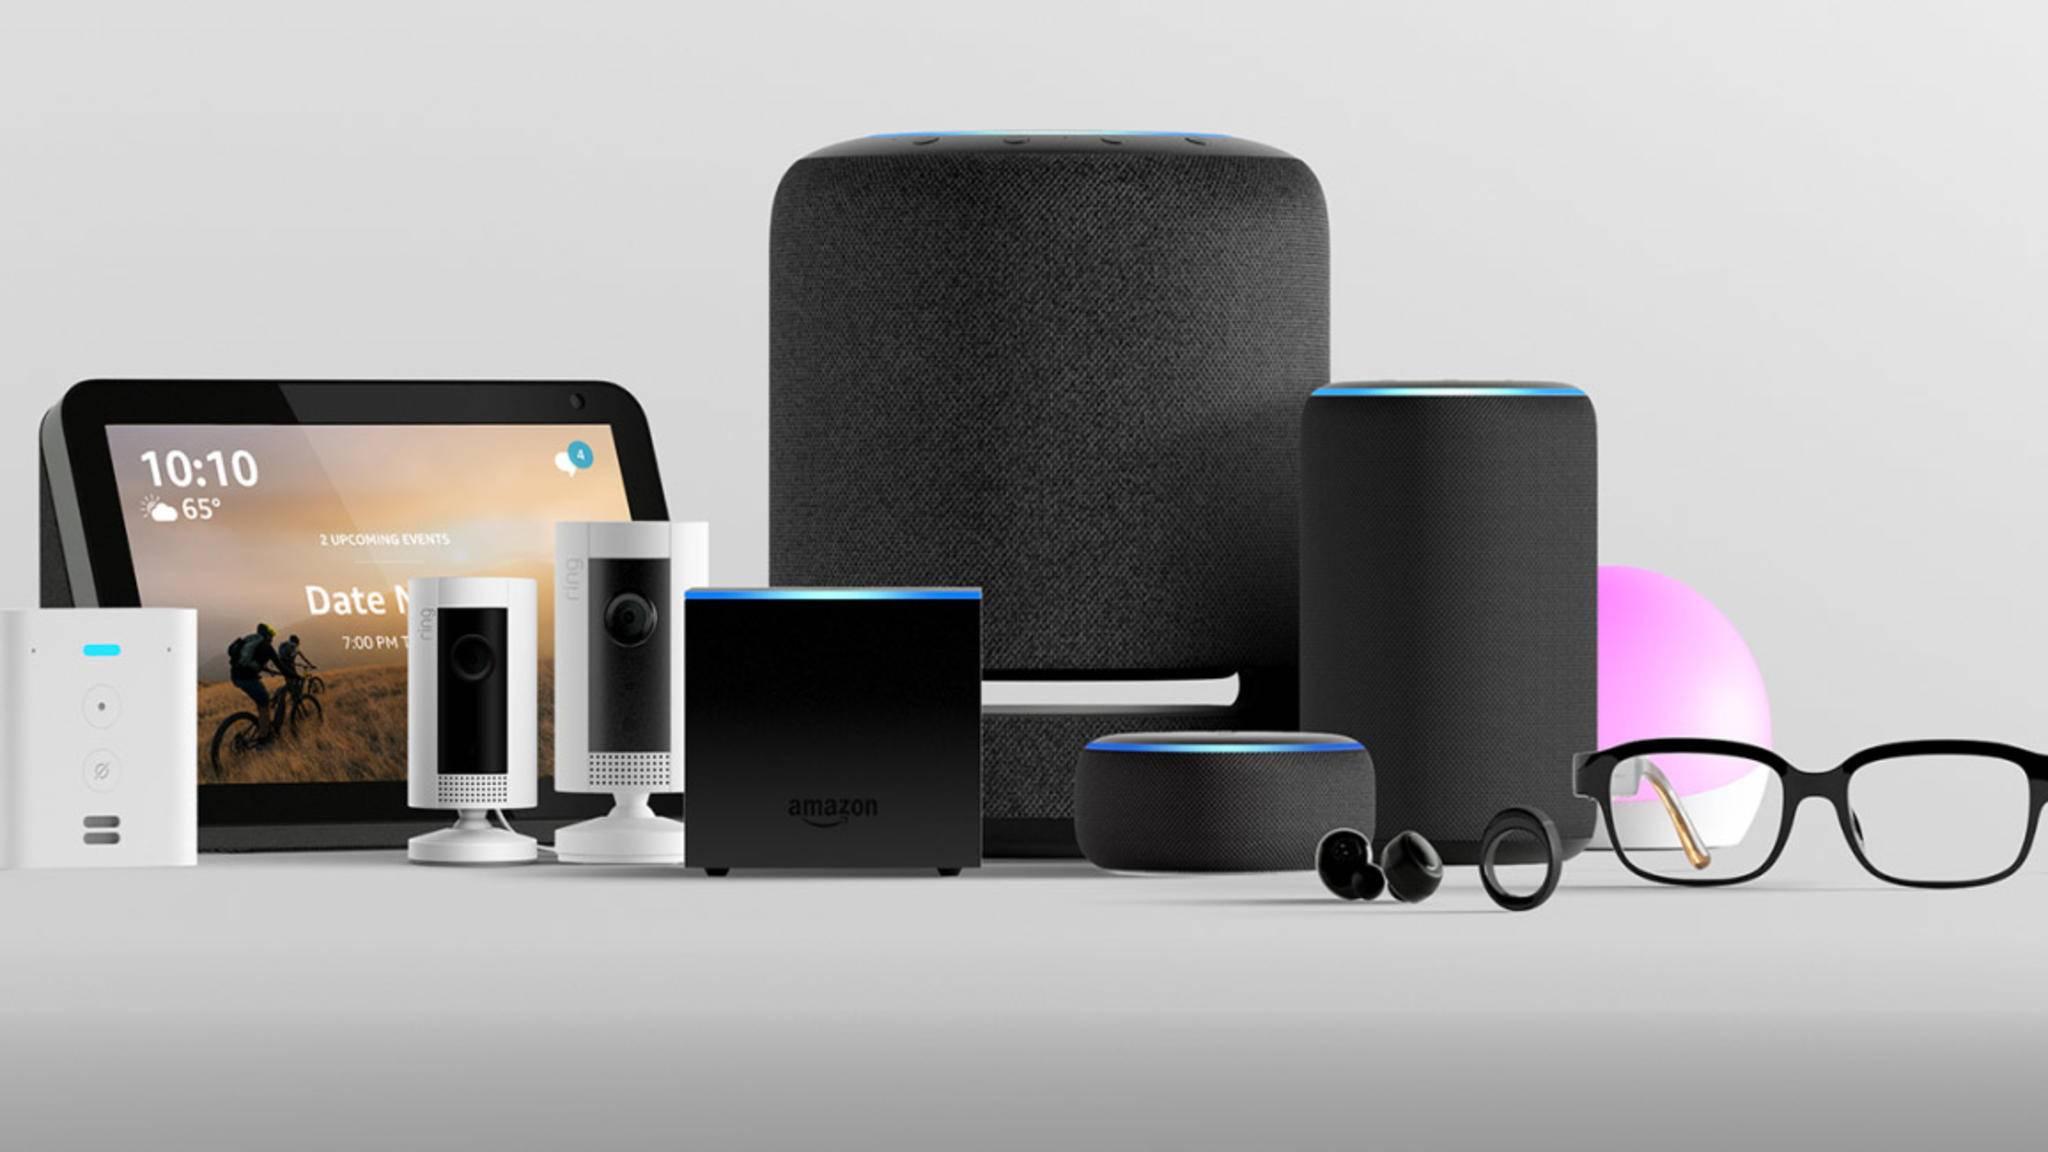 Die Amazon-Echo-Familie hat bereits eine beträchtliche Größe.